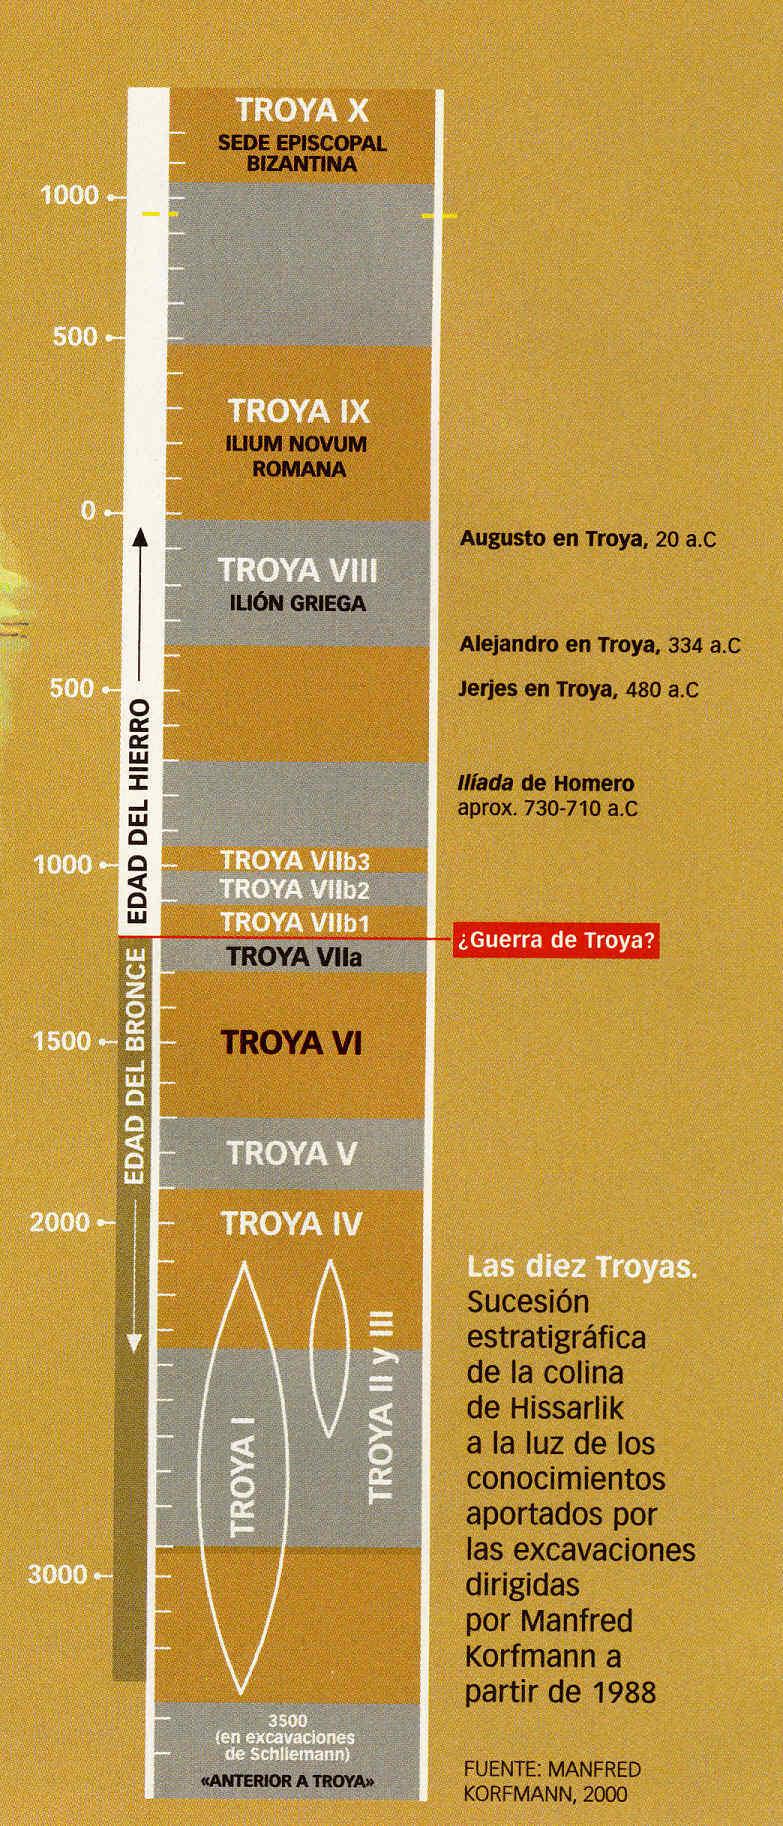 Las diez Troyas en Grecia clásica 22